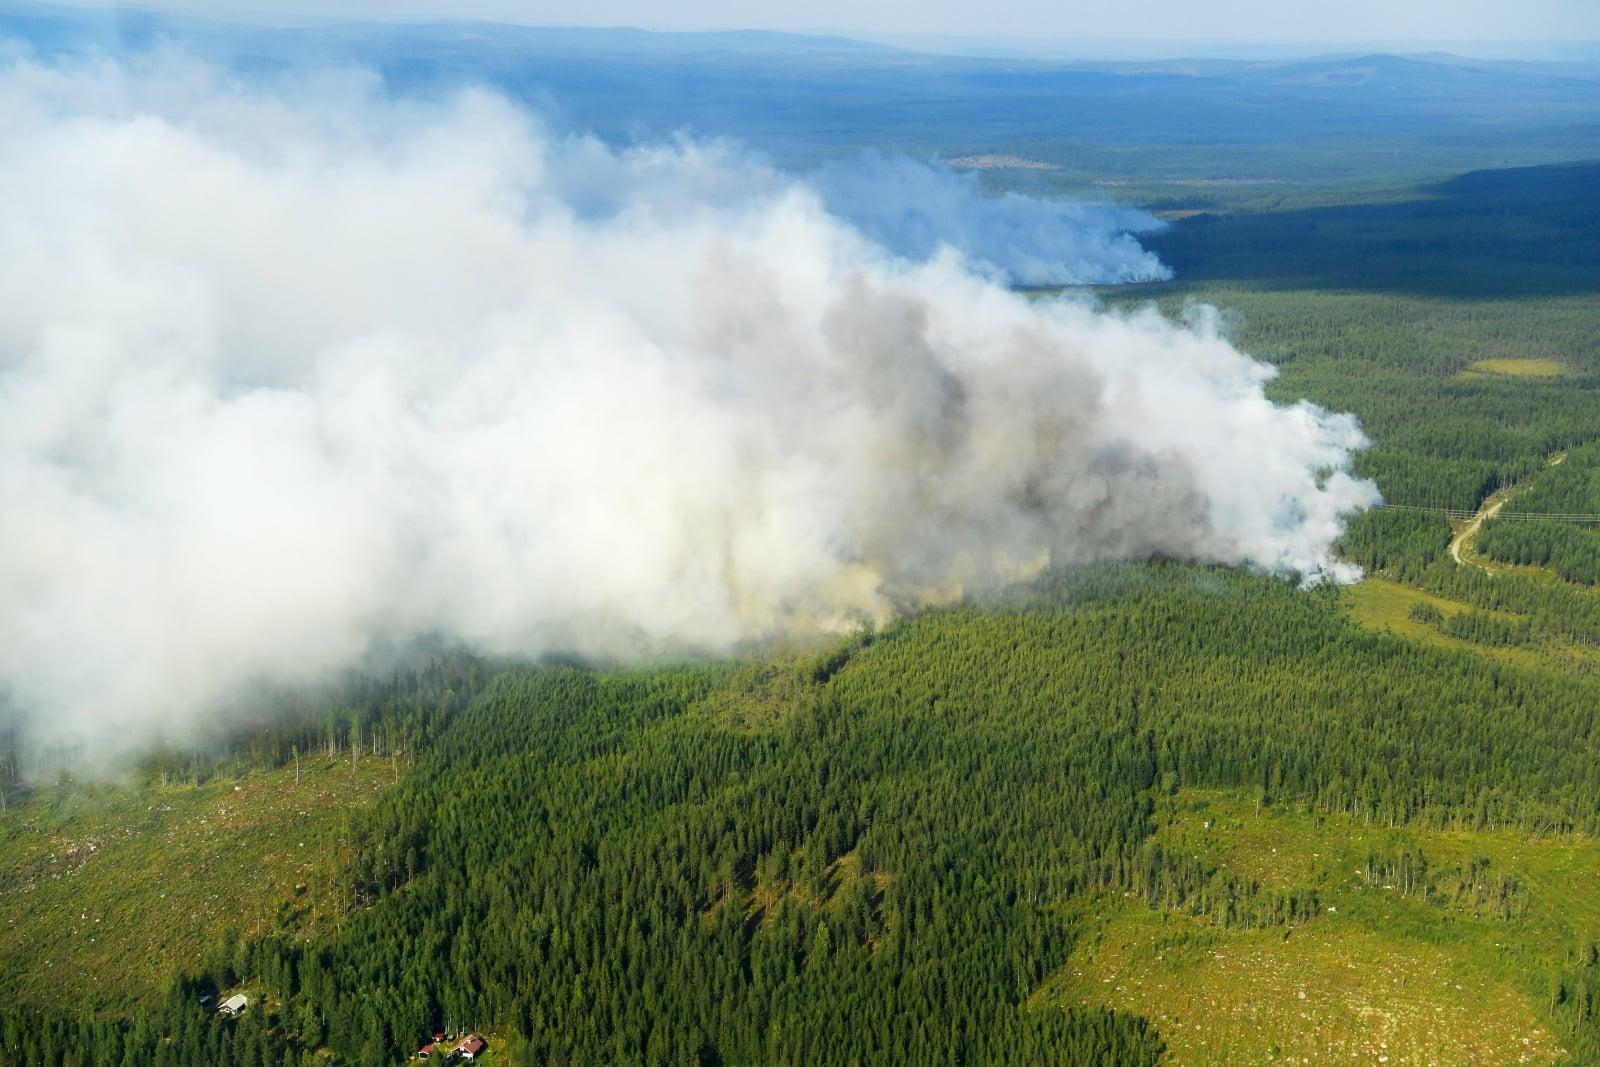 Pożar lasów w Szwecji  EPA/Maja Suslin